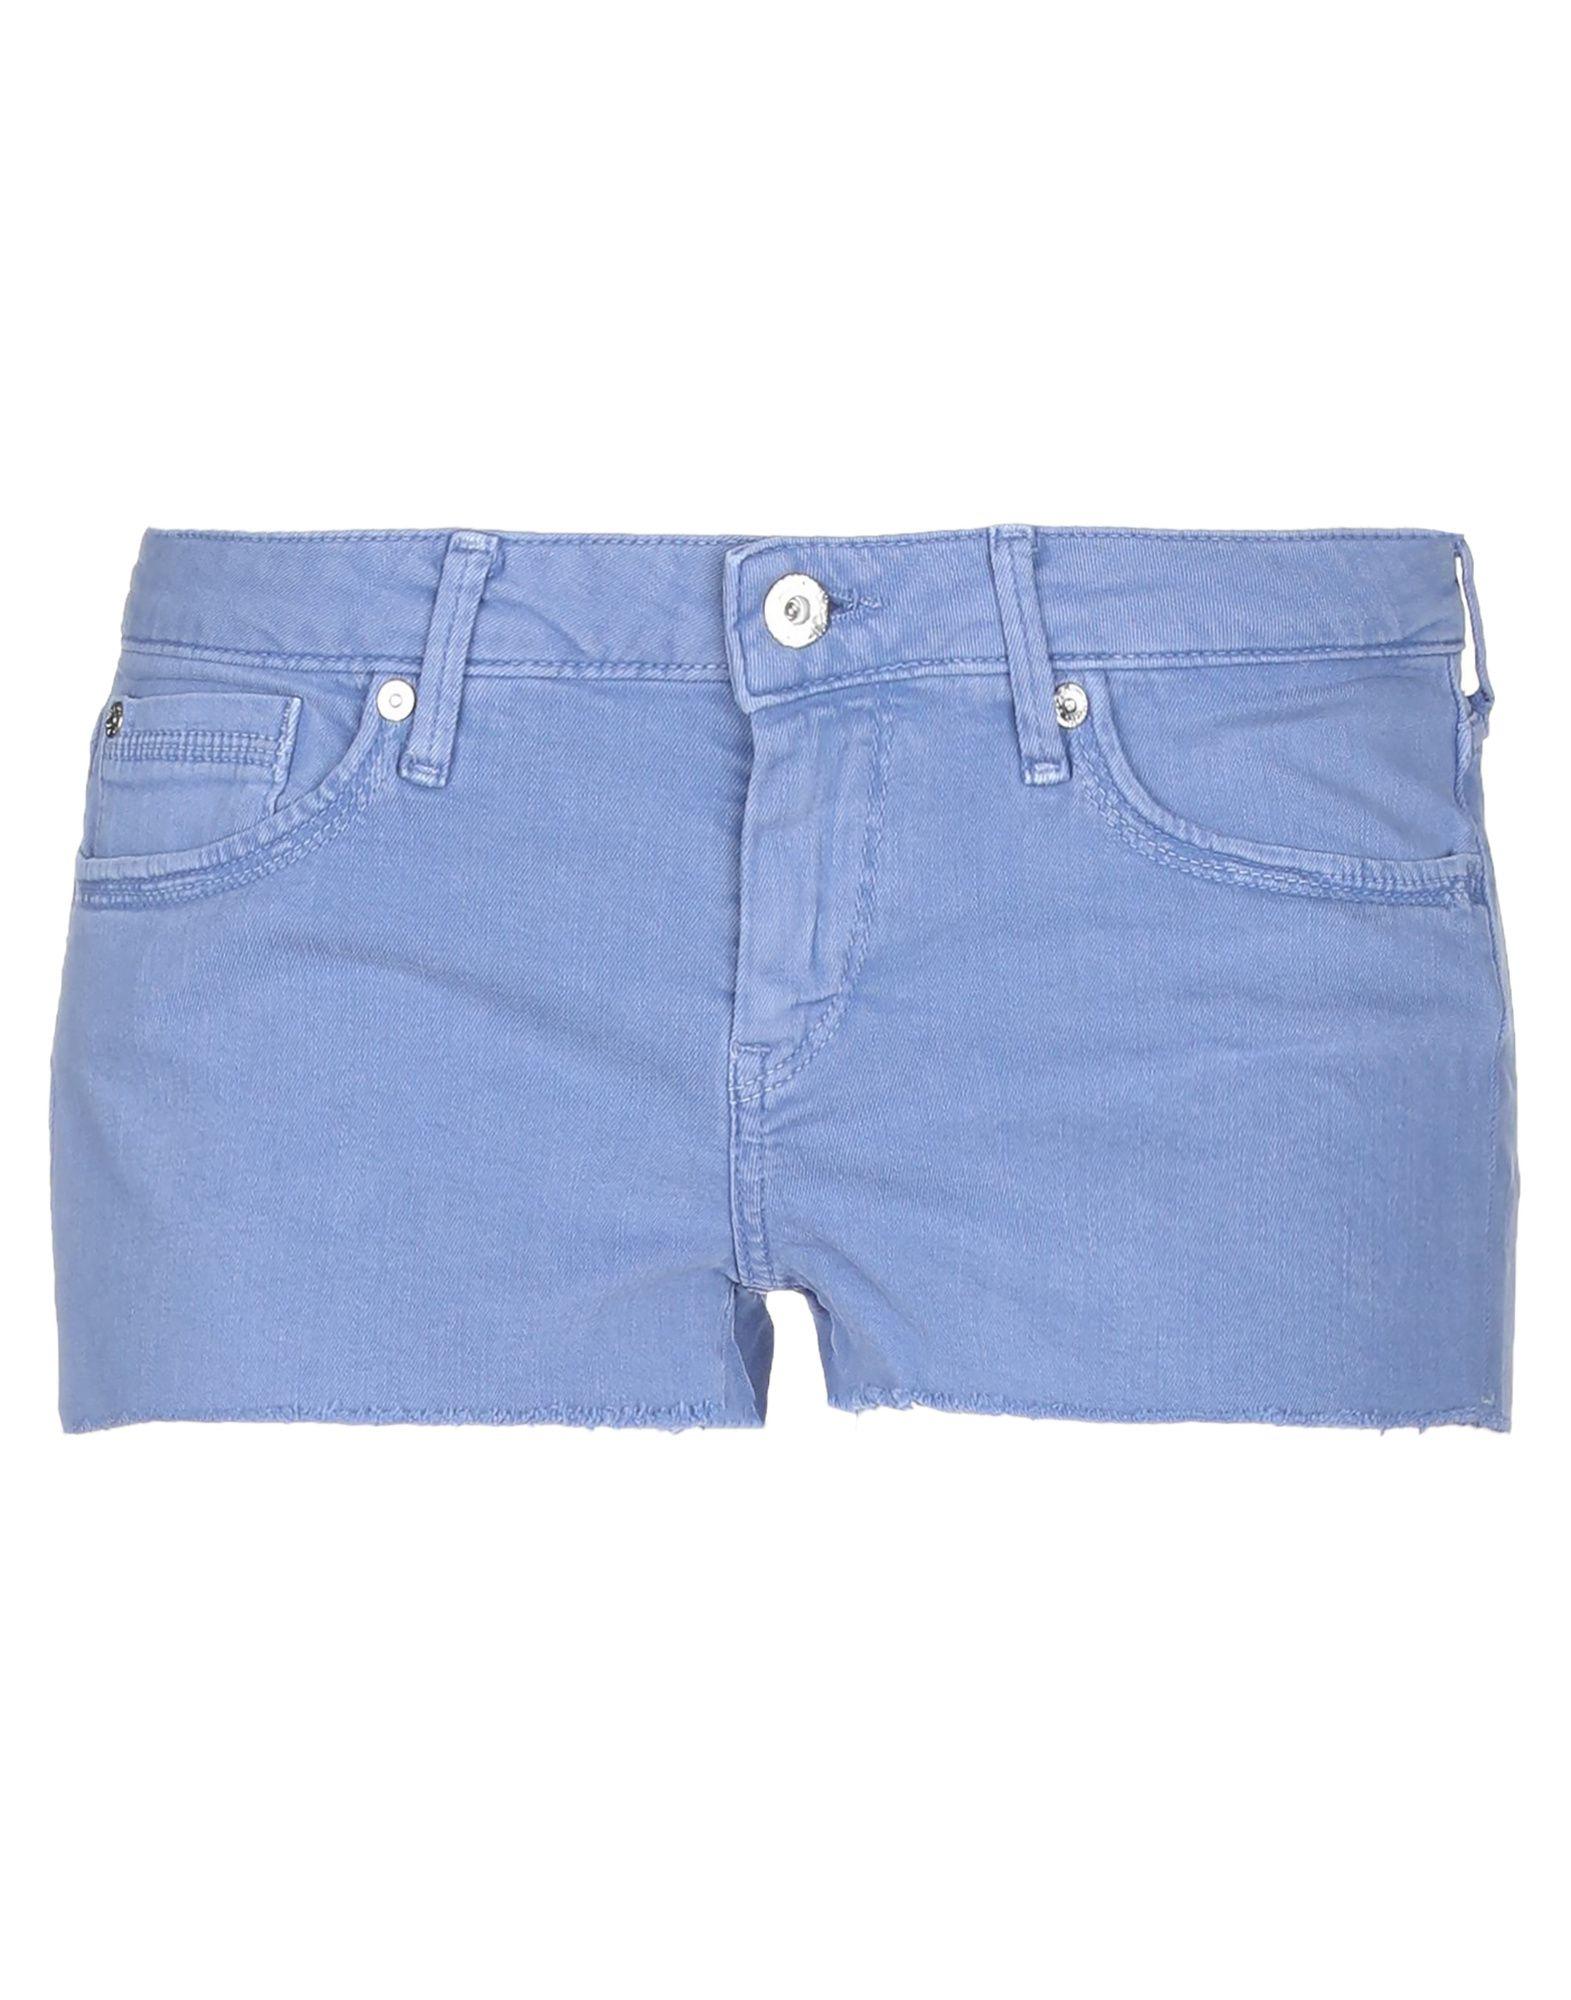 PEPE JEANS Джинсовые шорты pepe jeans 73 джинсовые шорты